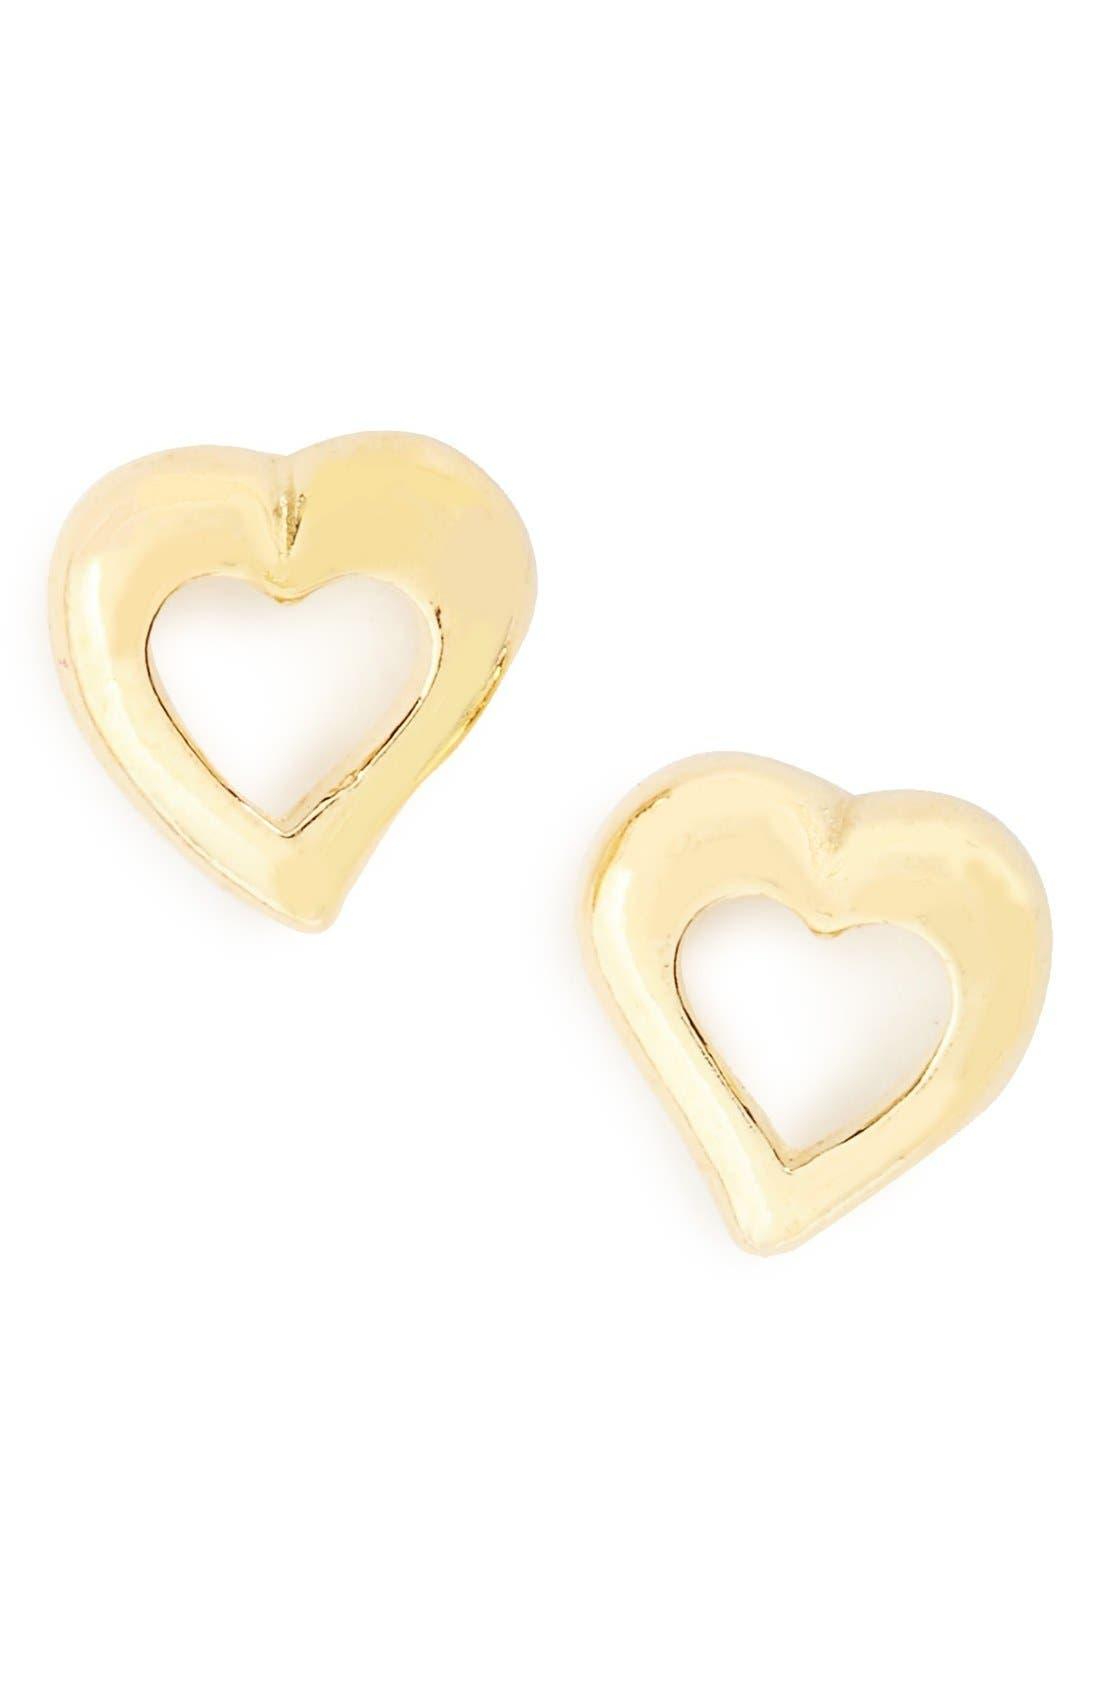 Tomas Sterling Silver Heart Earrings (Girls)